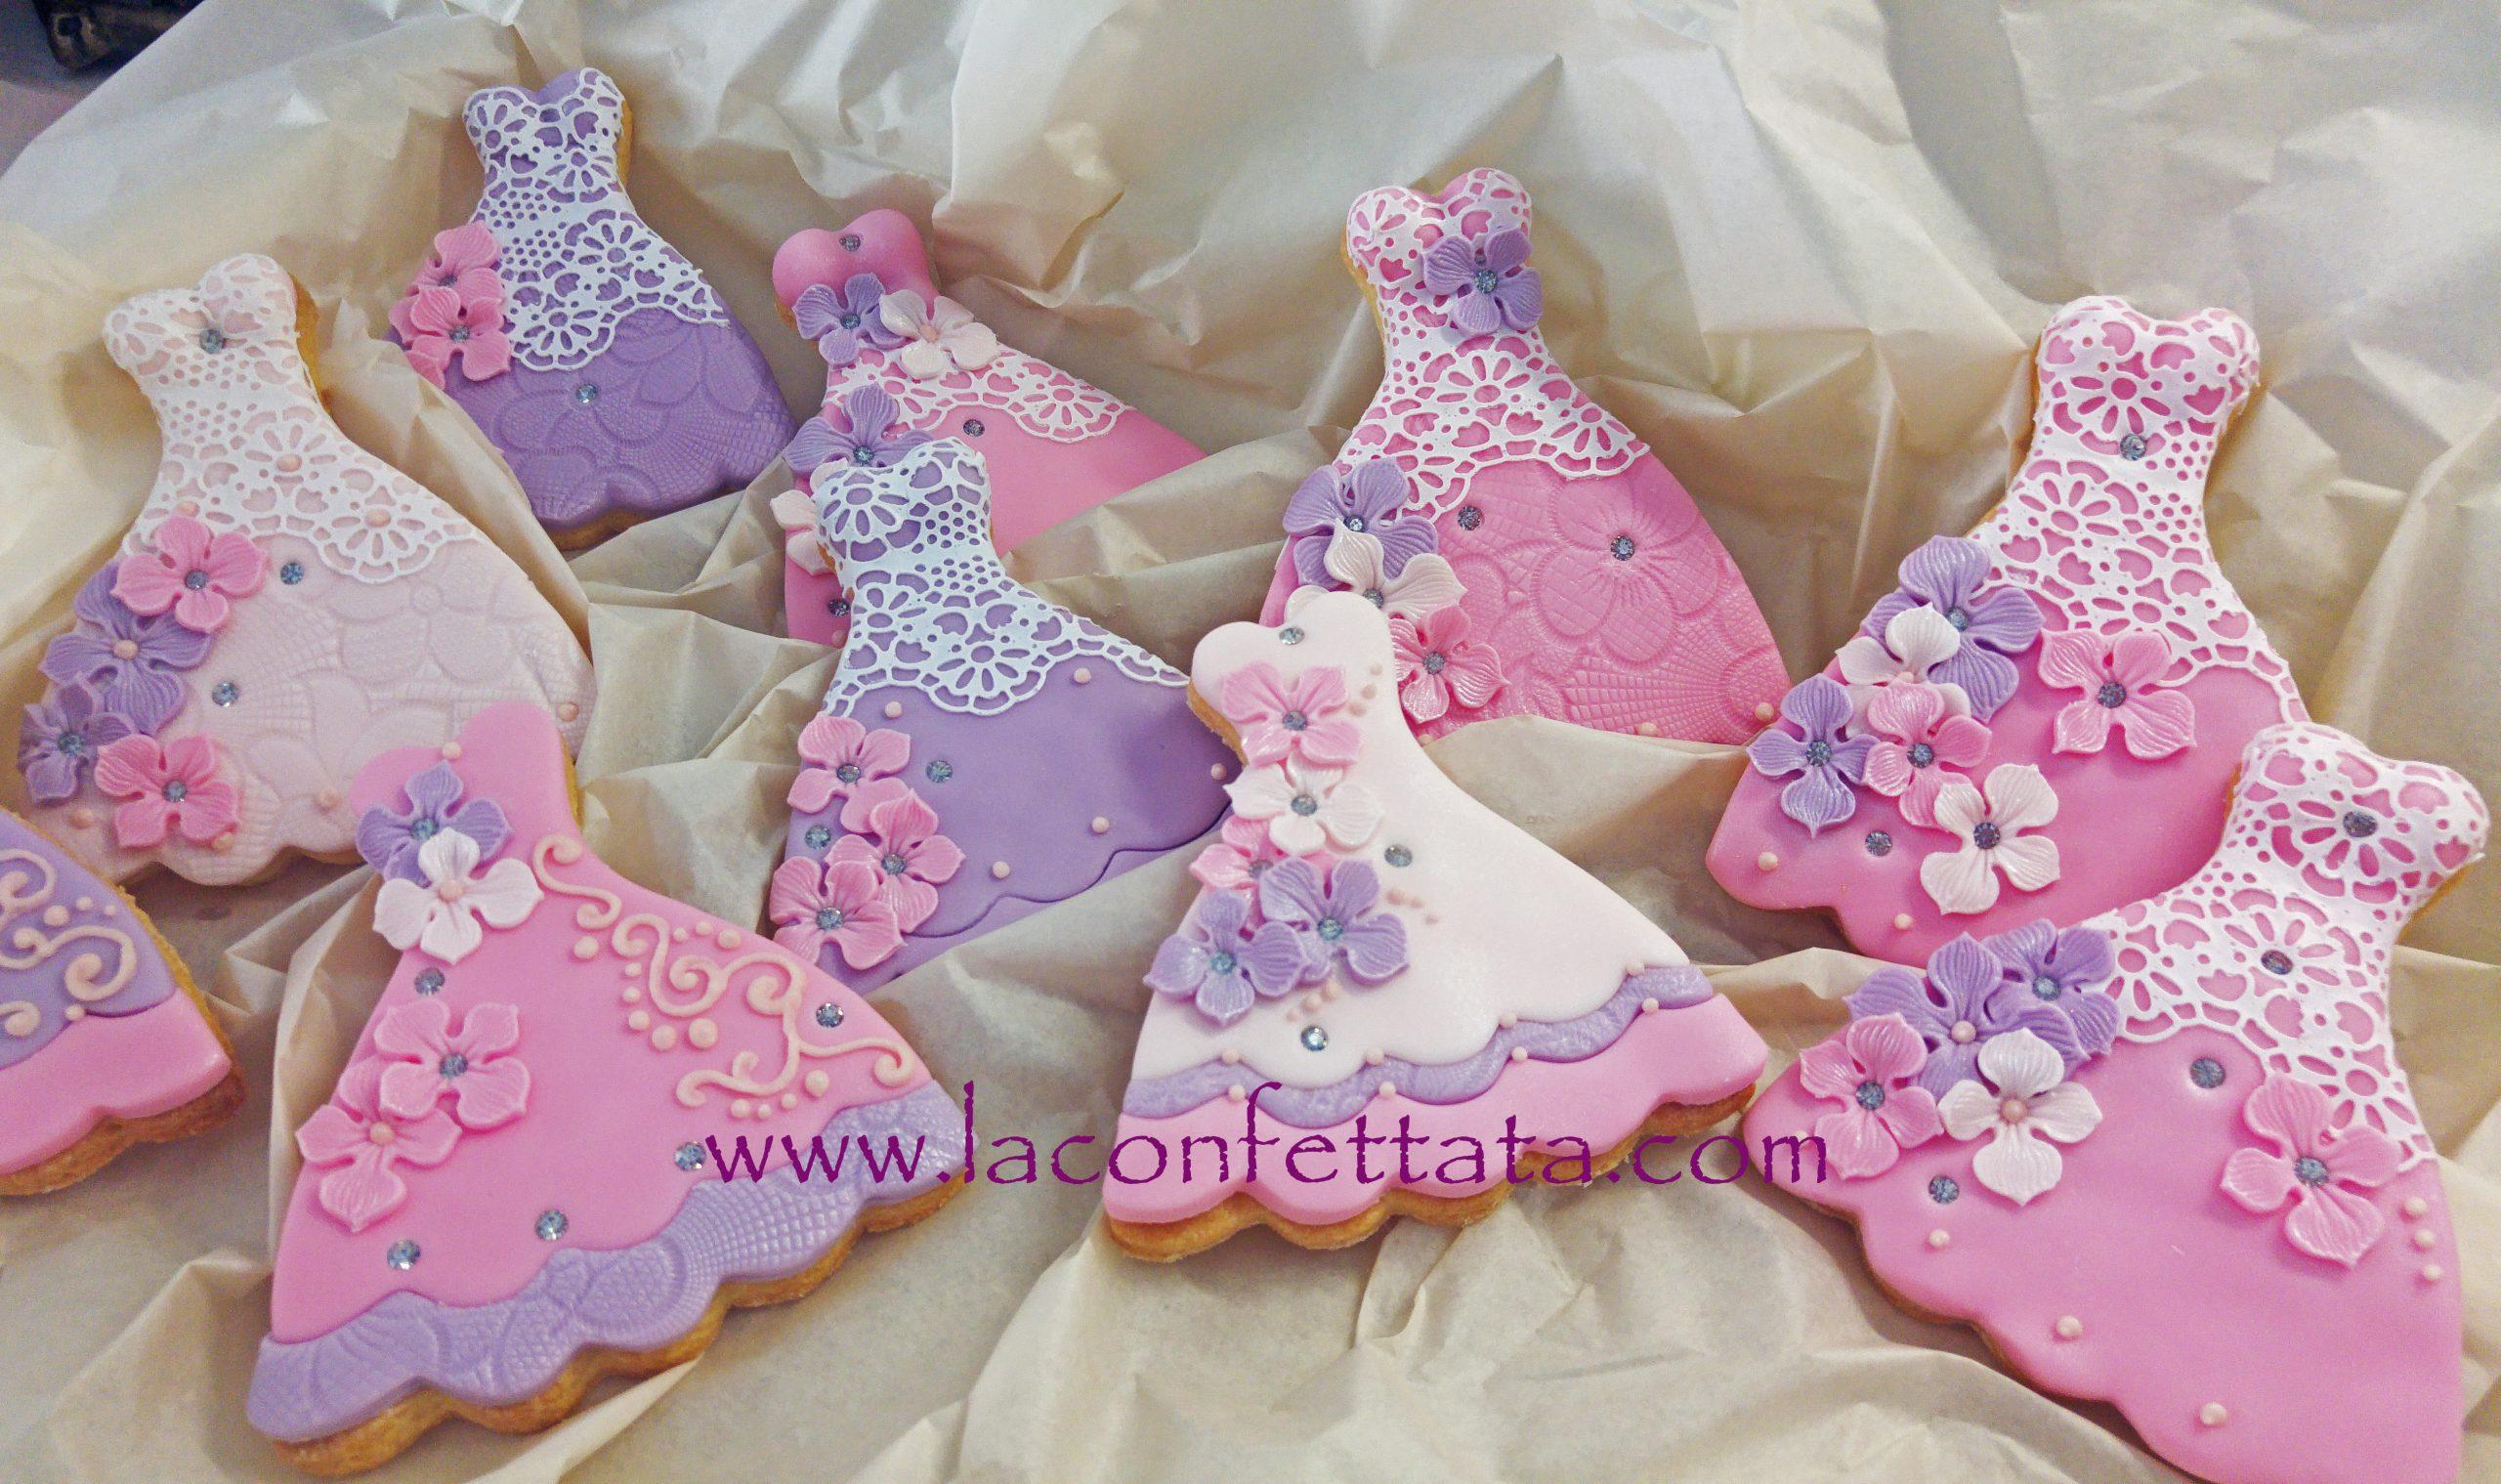 biscotti decorati abitino, biscotti decorati, segnaposto comunione